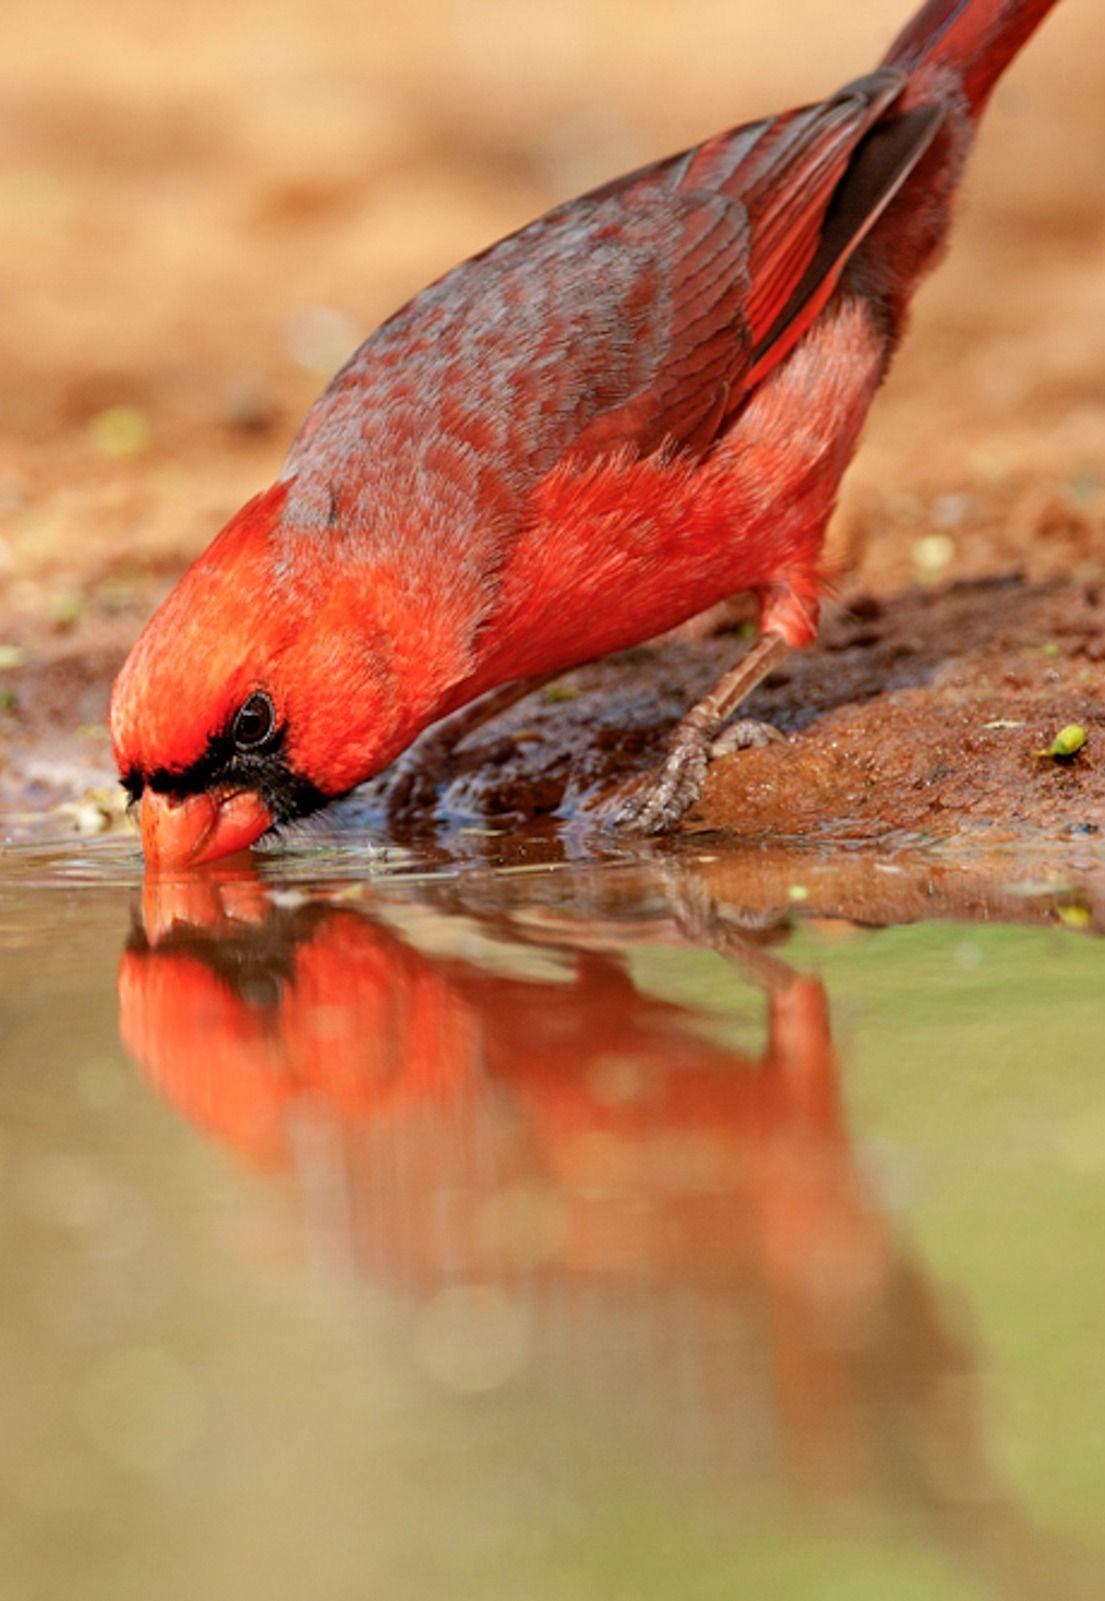 Northern Cardinal. Photo: Barbara J. Baird/Audubon Photography Awards